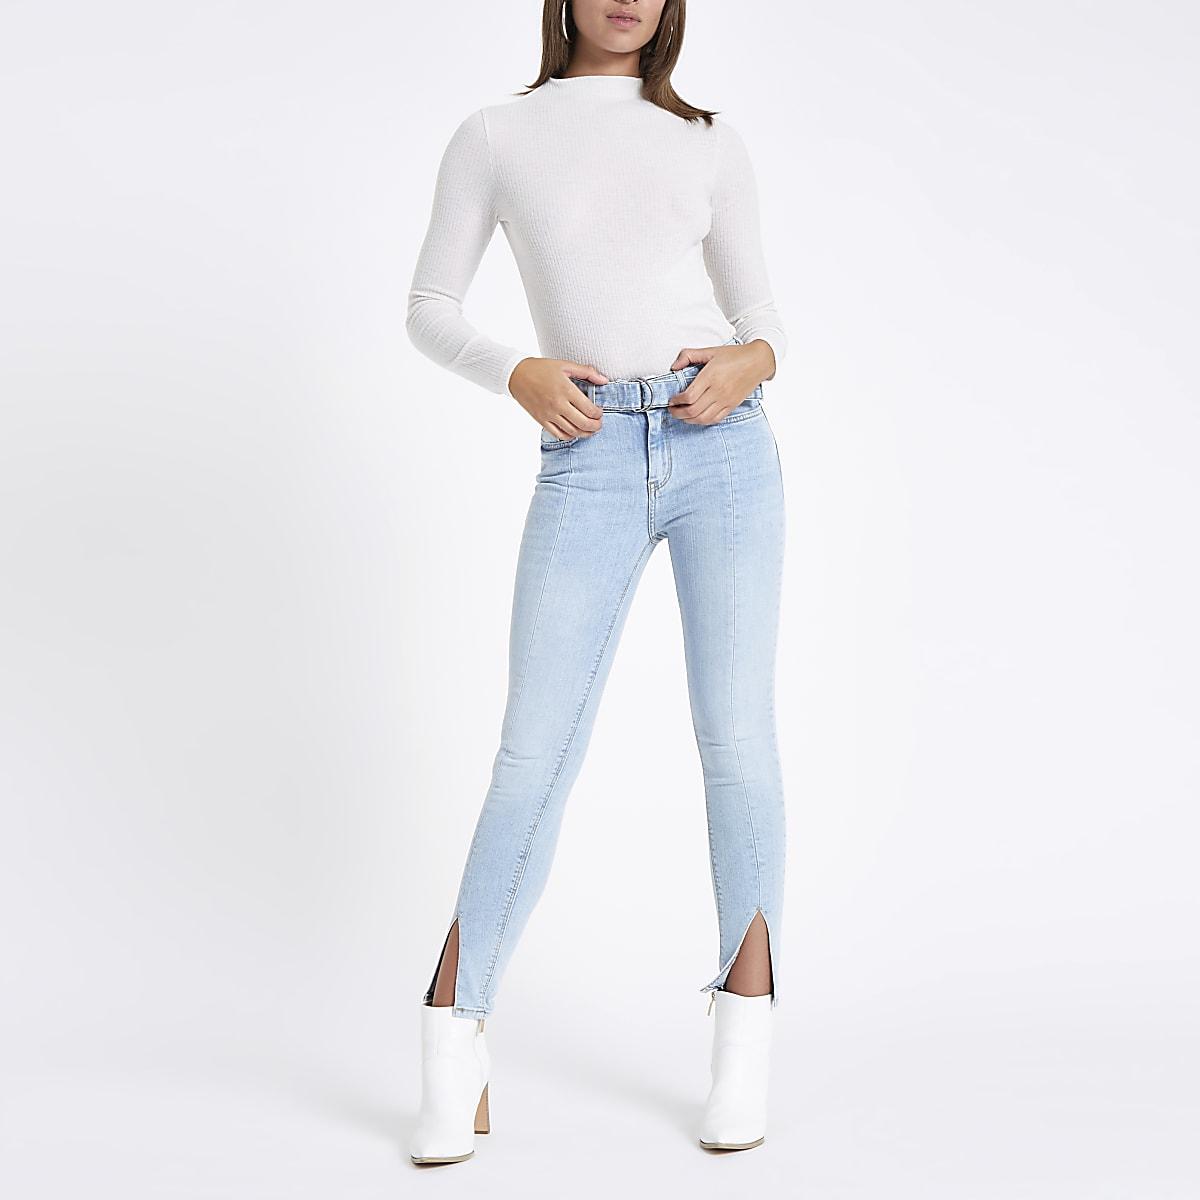 Amelie - Blauwe halfhoge skinny jeans met split bij de zoom